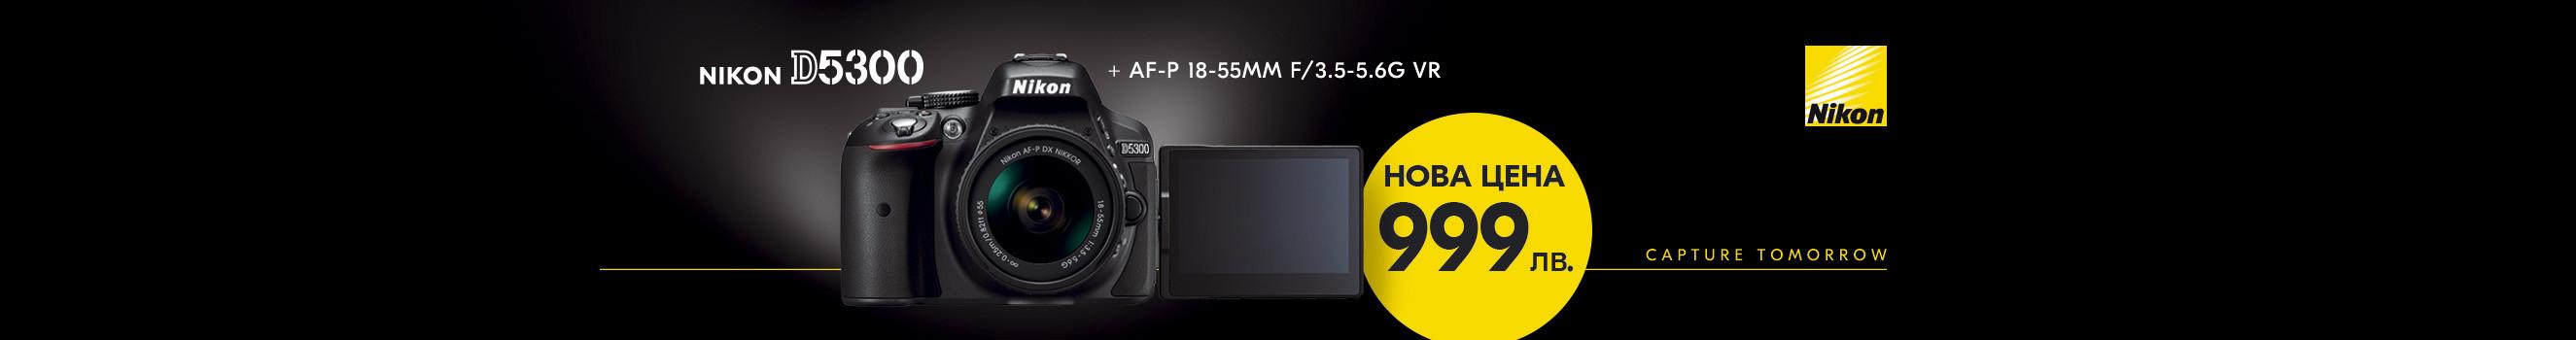 Фотоапарат Nikon D5300 на промоционална цена